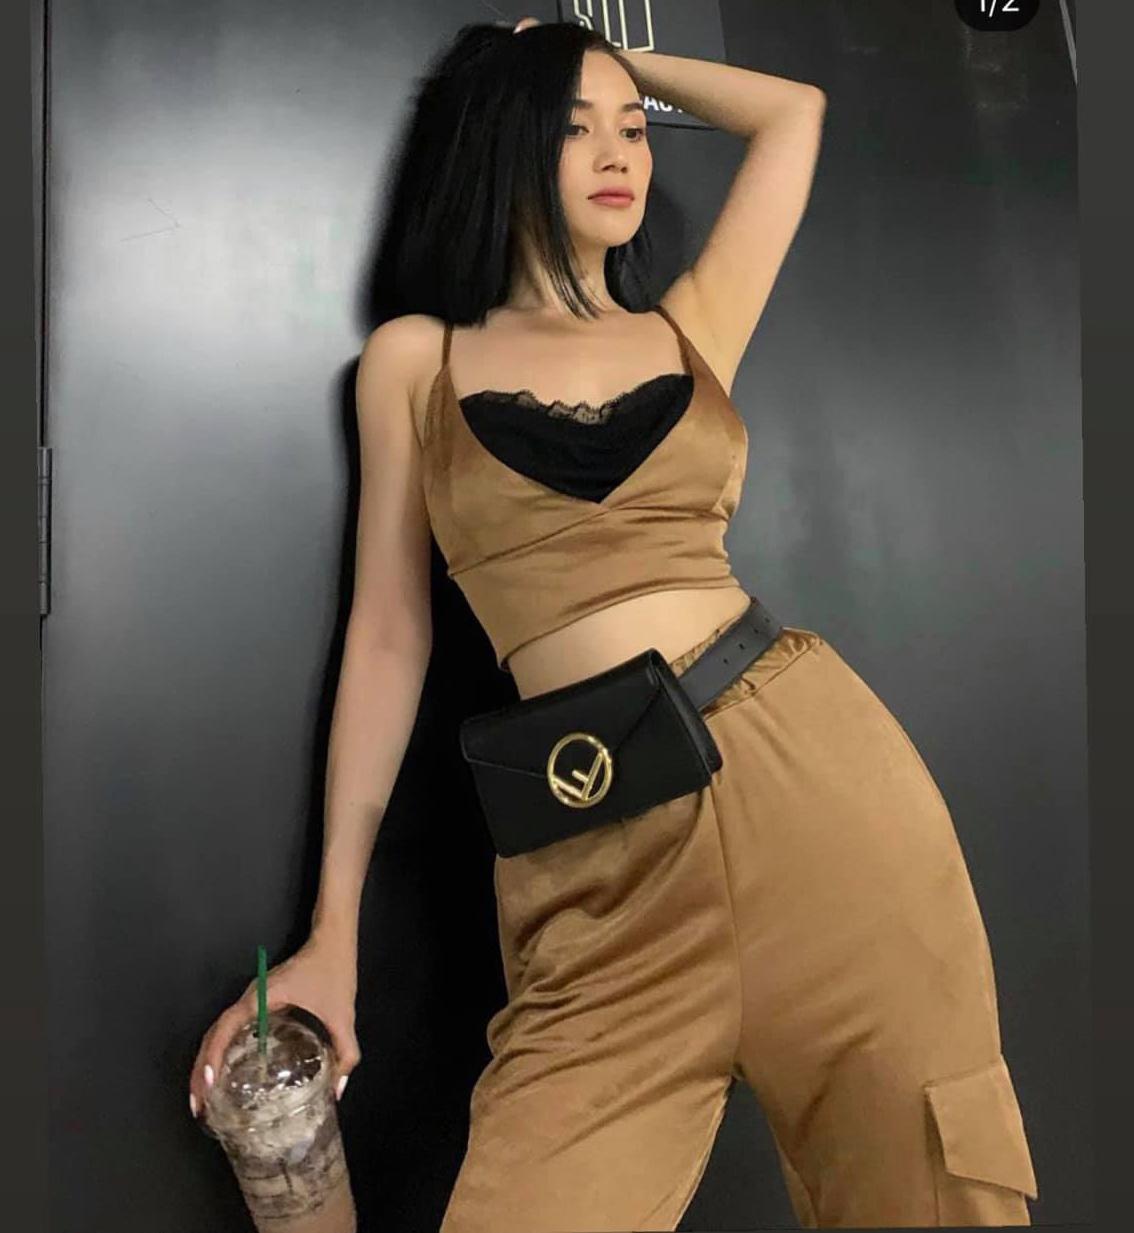 Những brand bình dân như Zara, Topshop, Stradivarius... cũng là điểm đến mua sắm yêu thích của Sĩ Thanh. Cô thường mix đồ giá mềm với phụ kiện đắt đỏ để tăng đẳng cấp cho tổng thể.